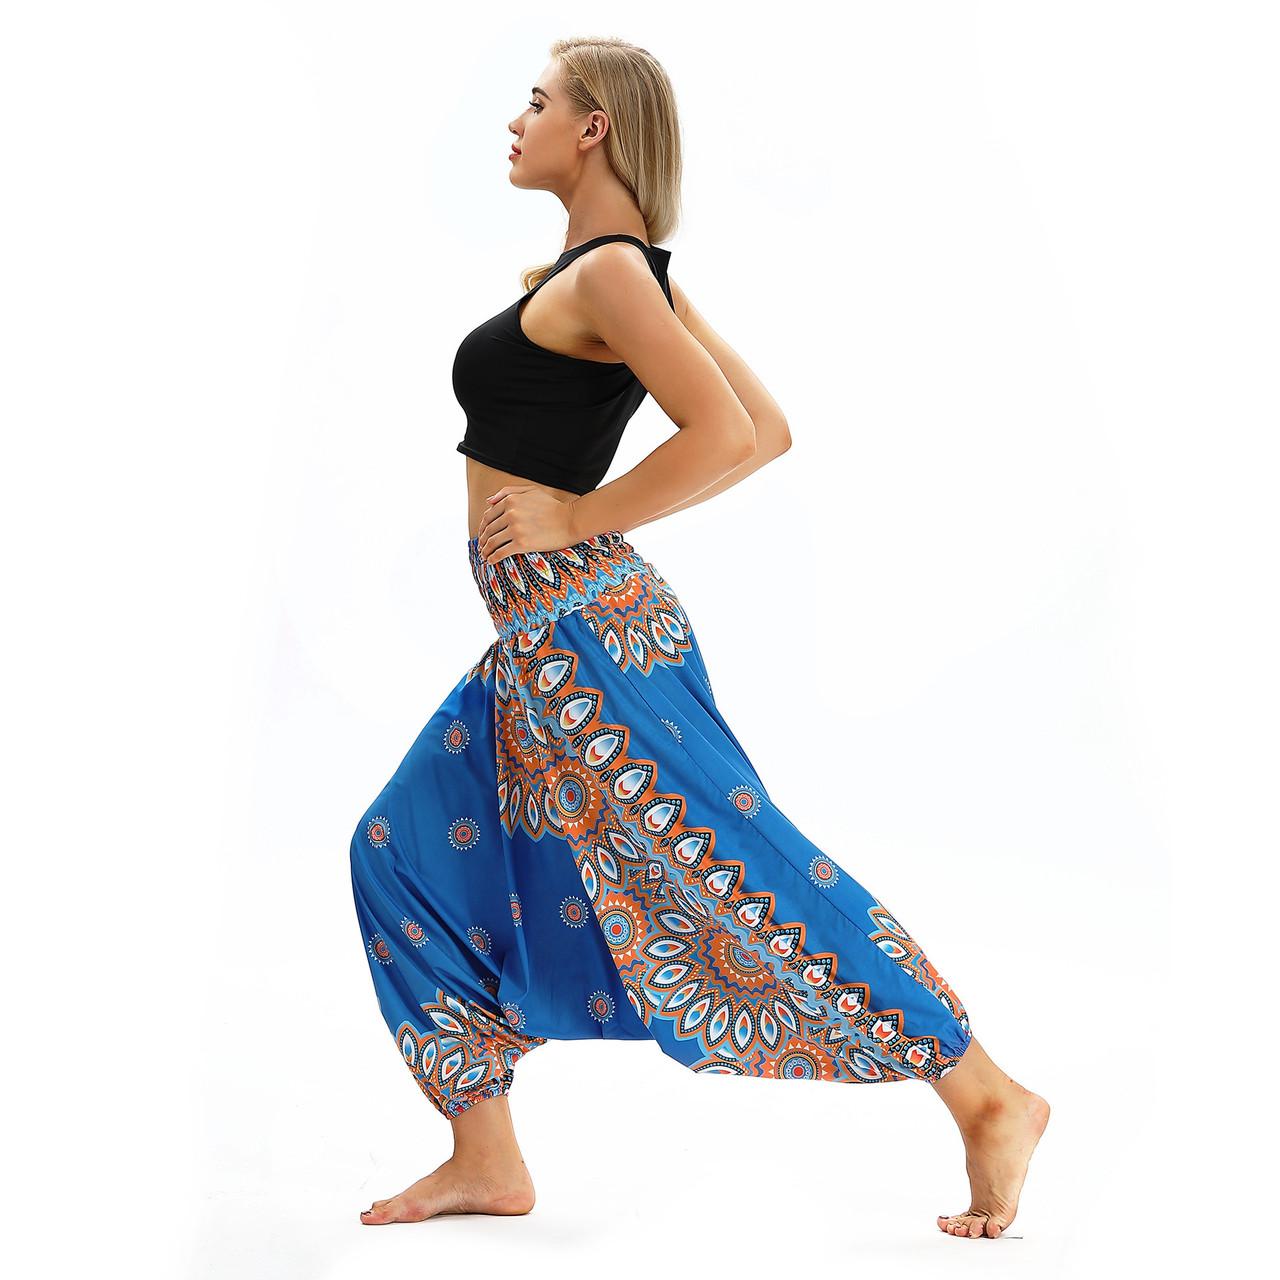 Стильные штаны алладины для йоги